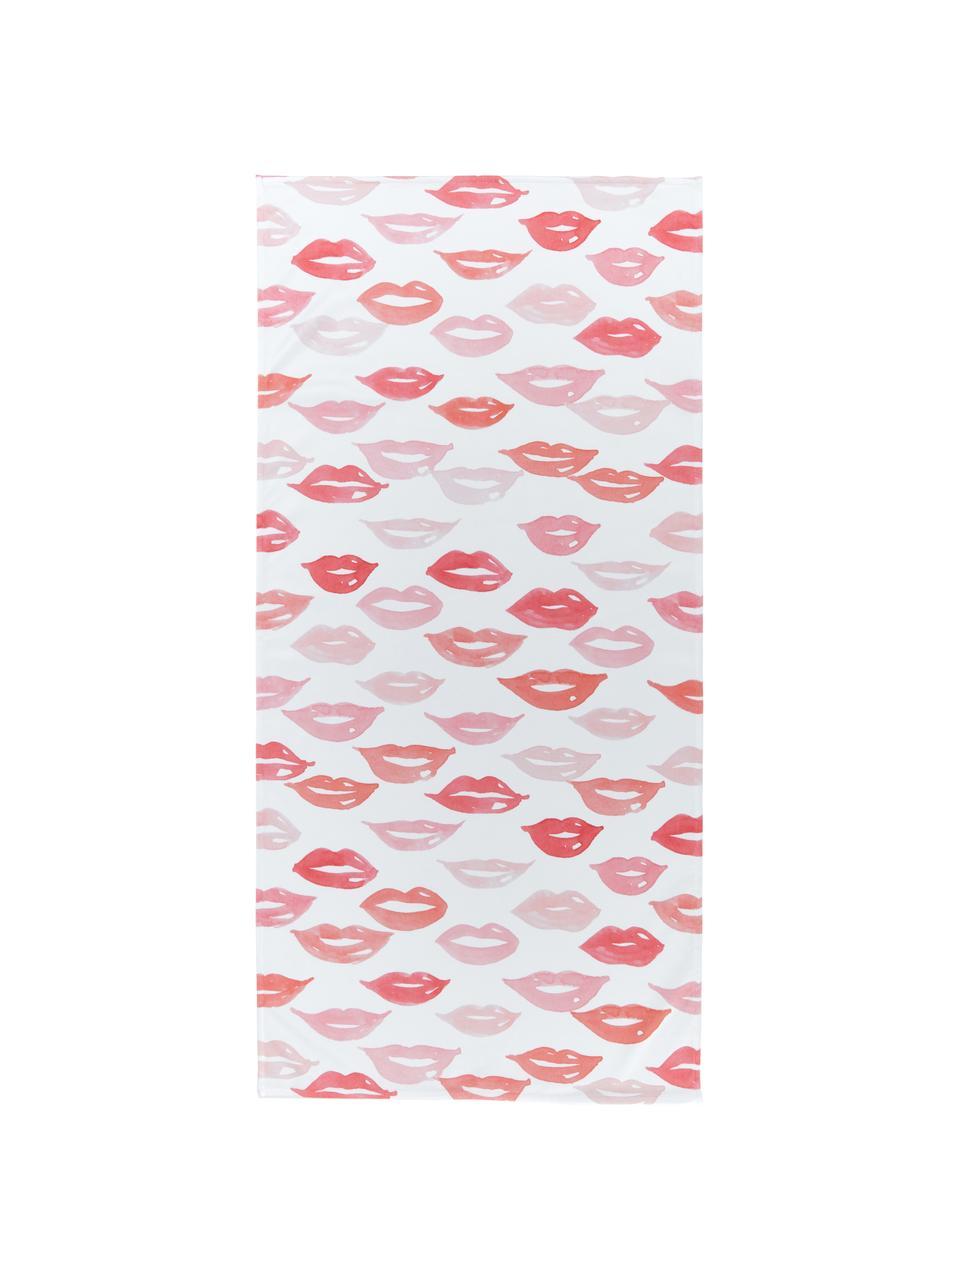 Leichtes Strandtuch Pout mit Kussmundmotiven, 55% Polyester, 45% Baumwolle Sehr leichte Qualität, 340 g/m², Weiß, Rot, Rosa, 70 x 150 cm